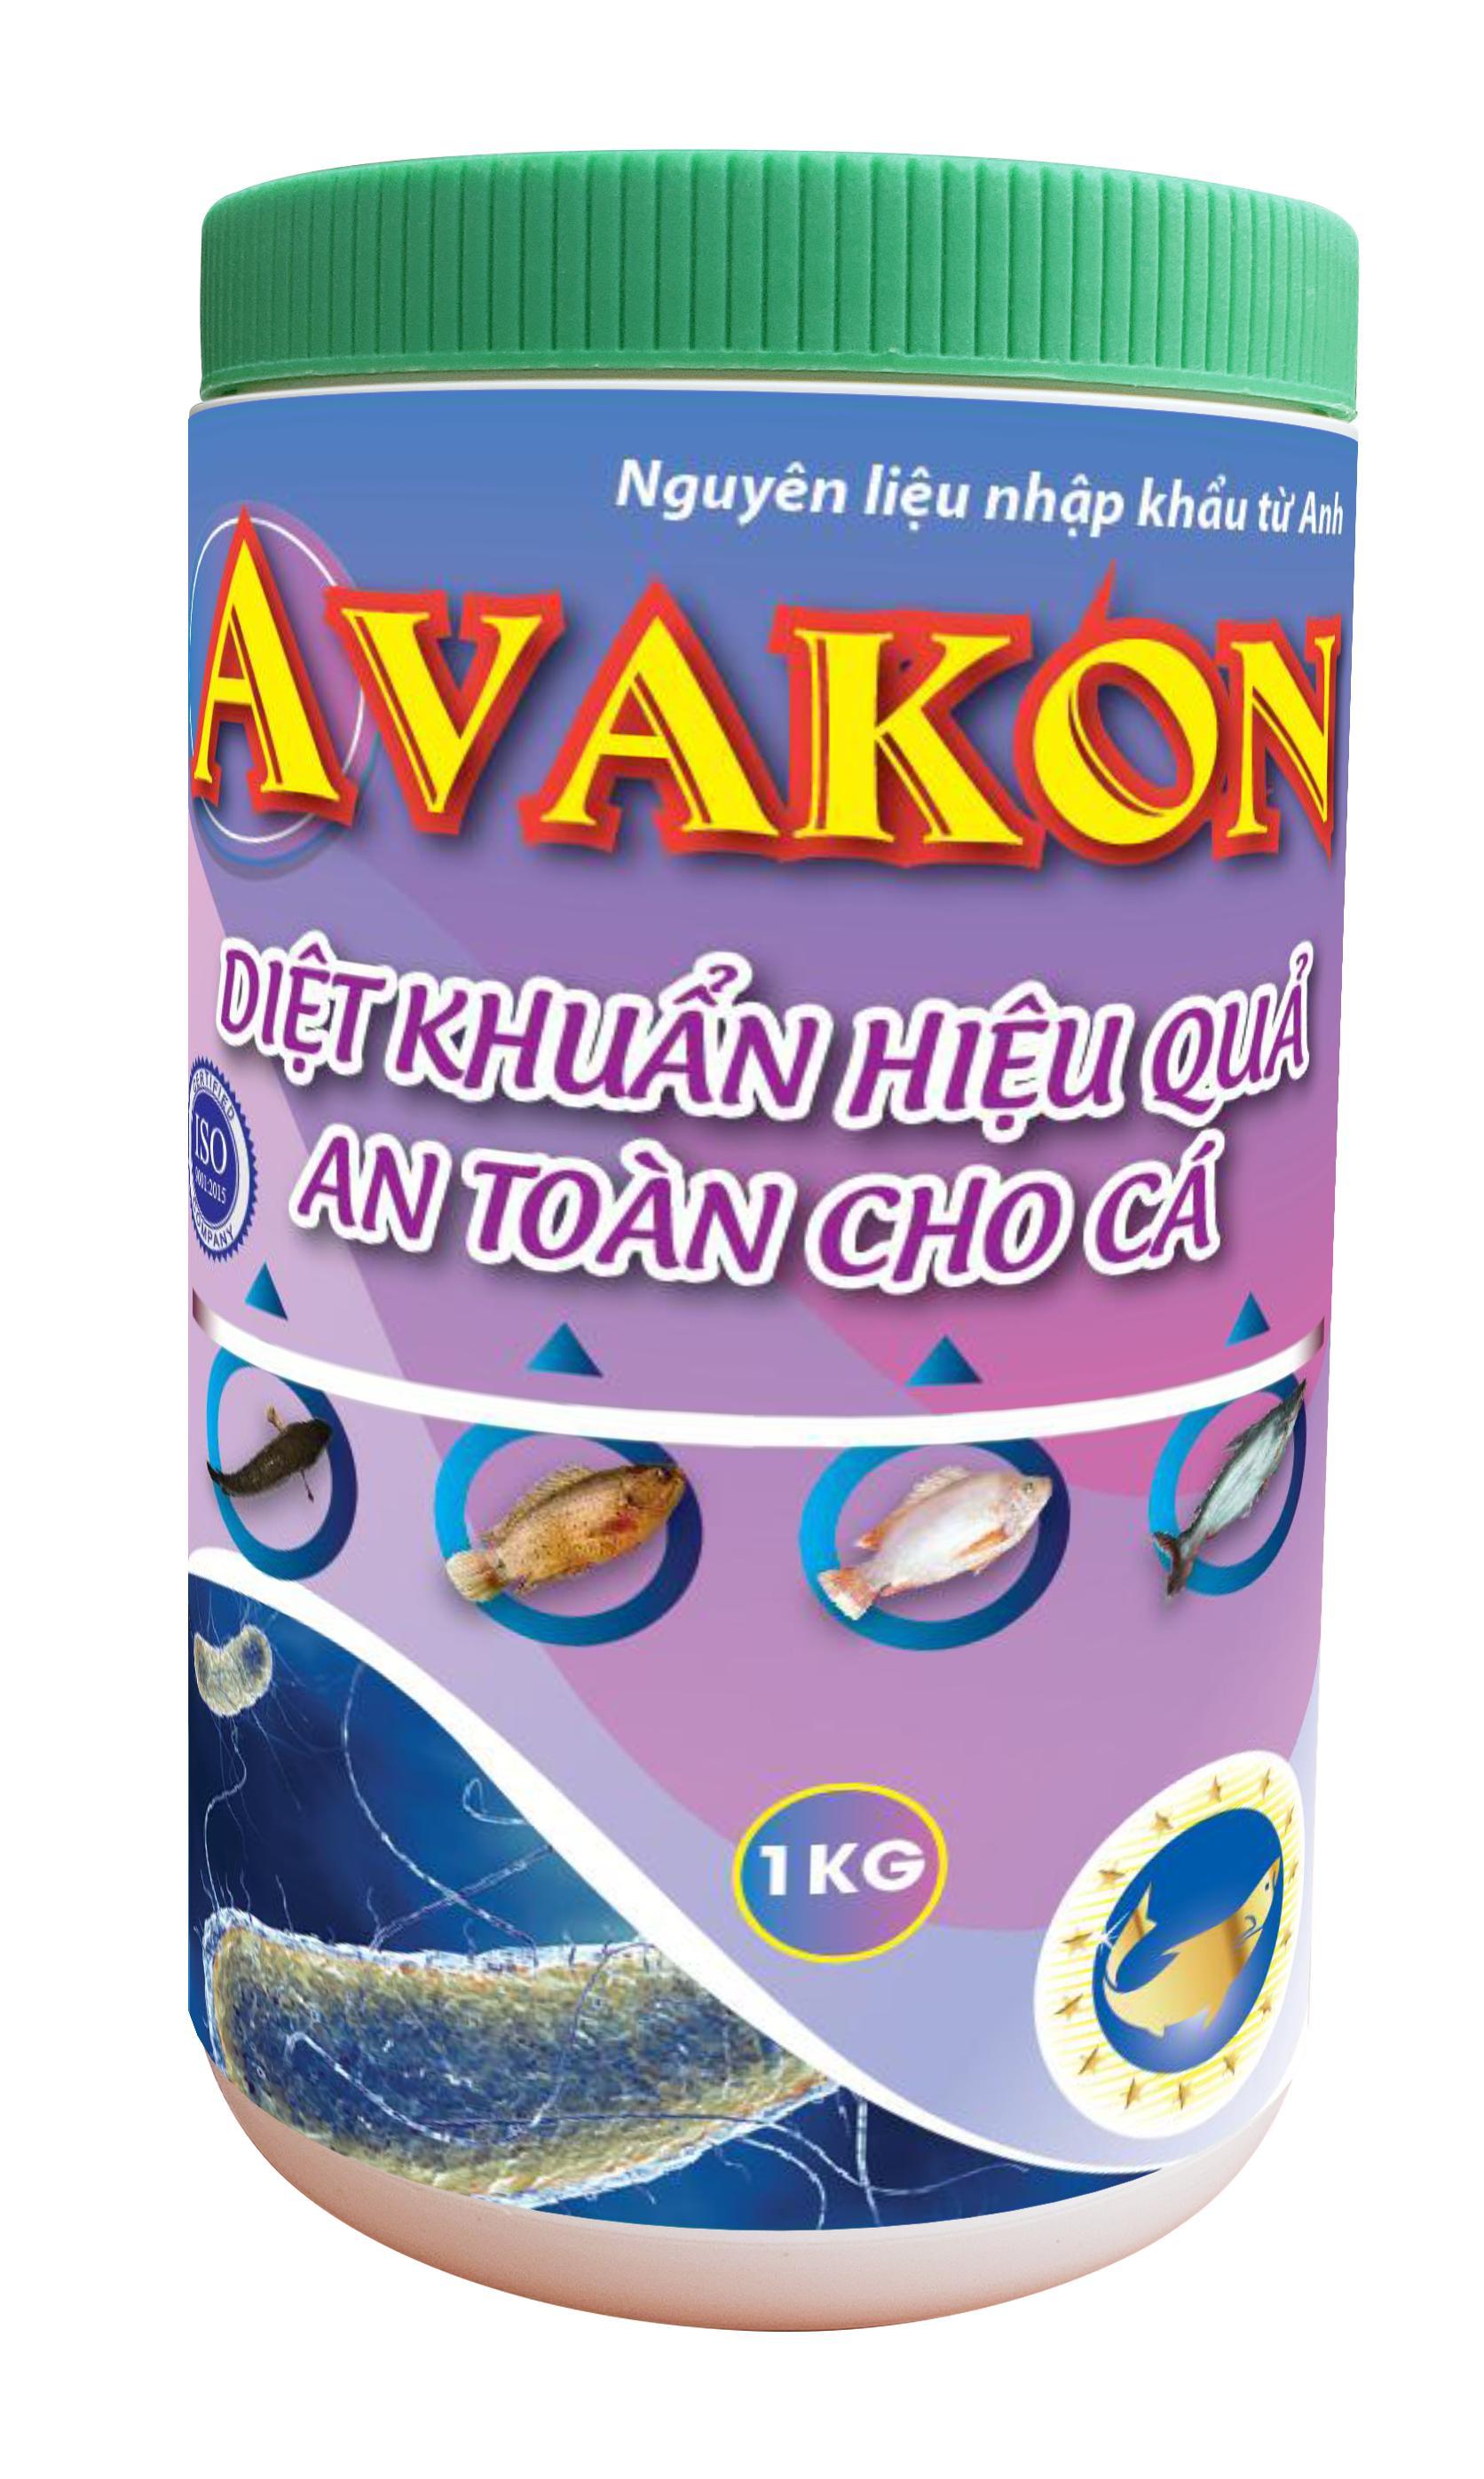 AVAKON - Diệt khuẩn an toàn hiệu quả cho cá